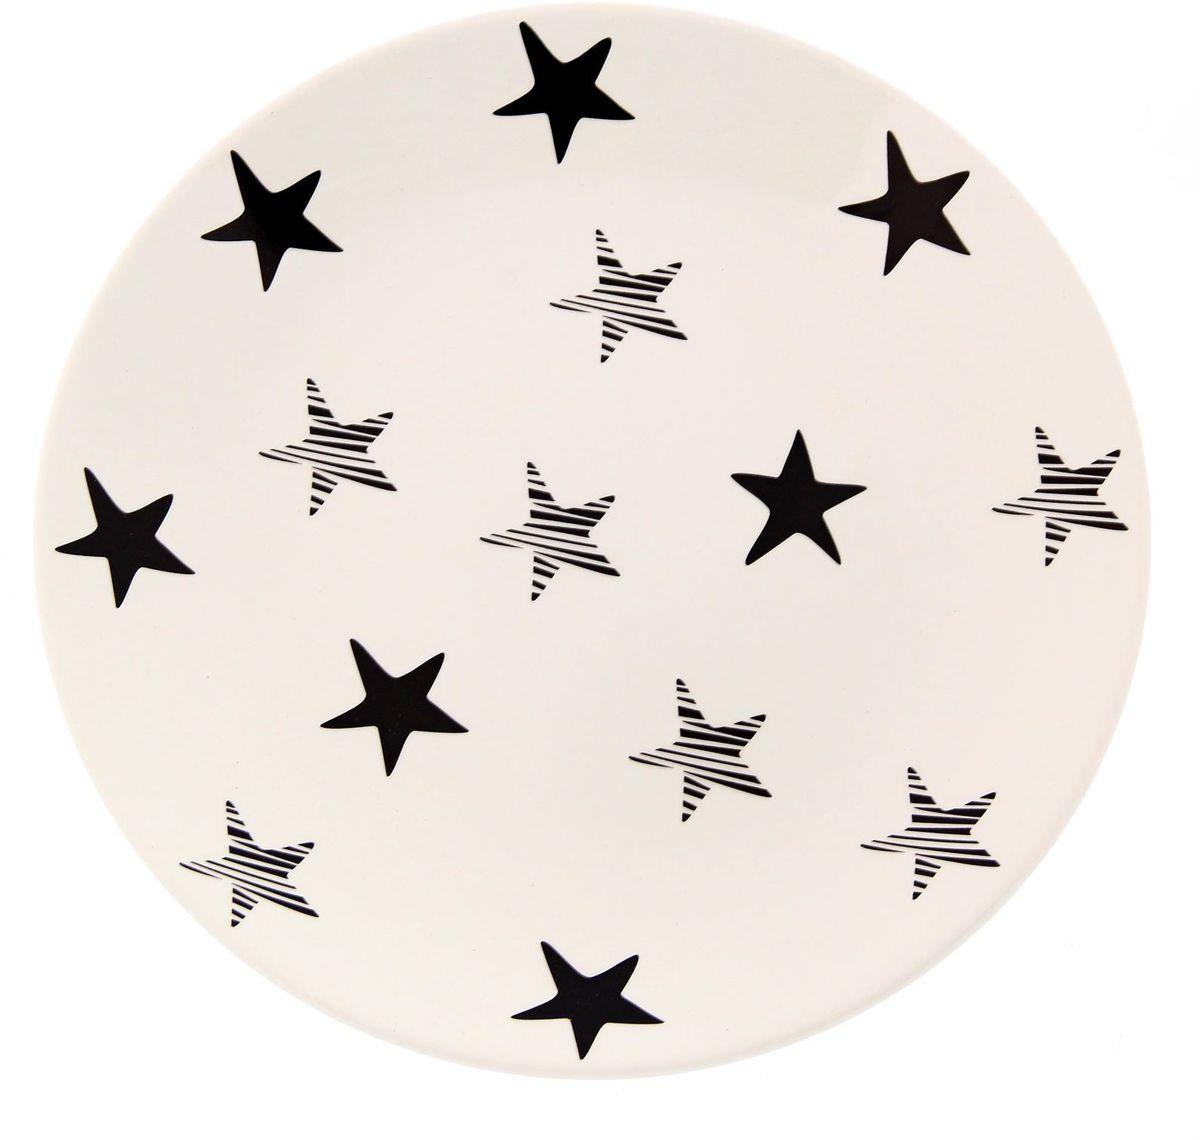 Тарелка Сотвори чудо My Little Star, диаметр 22 смFS-91909Хотите обновить интерьер кухни или гостиной? Устраиваете необычную фотосессию или тематический праздник? А может, просто ищете подарок для близкого человека? Посуда Сотвори Чудо — правильный выбор в любой ситуации. Тарелка Сотвори Чудо, изготовленная из изящного фаянса нежного сливочного цвета, оформлена оригинальным рисунком со стойкой краской. Пригодна для посудомоечной машины.